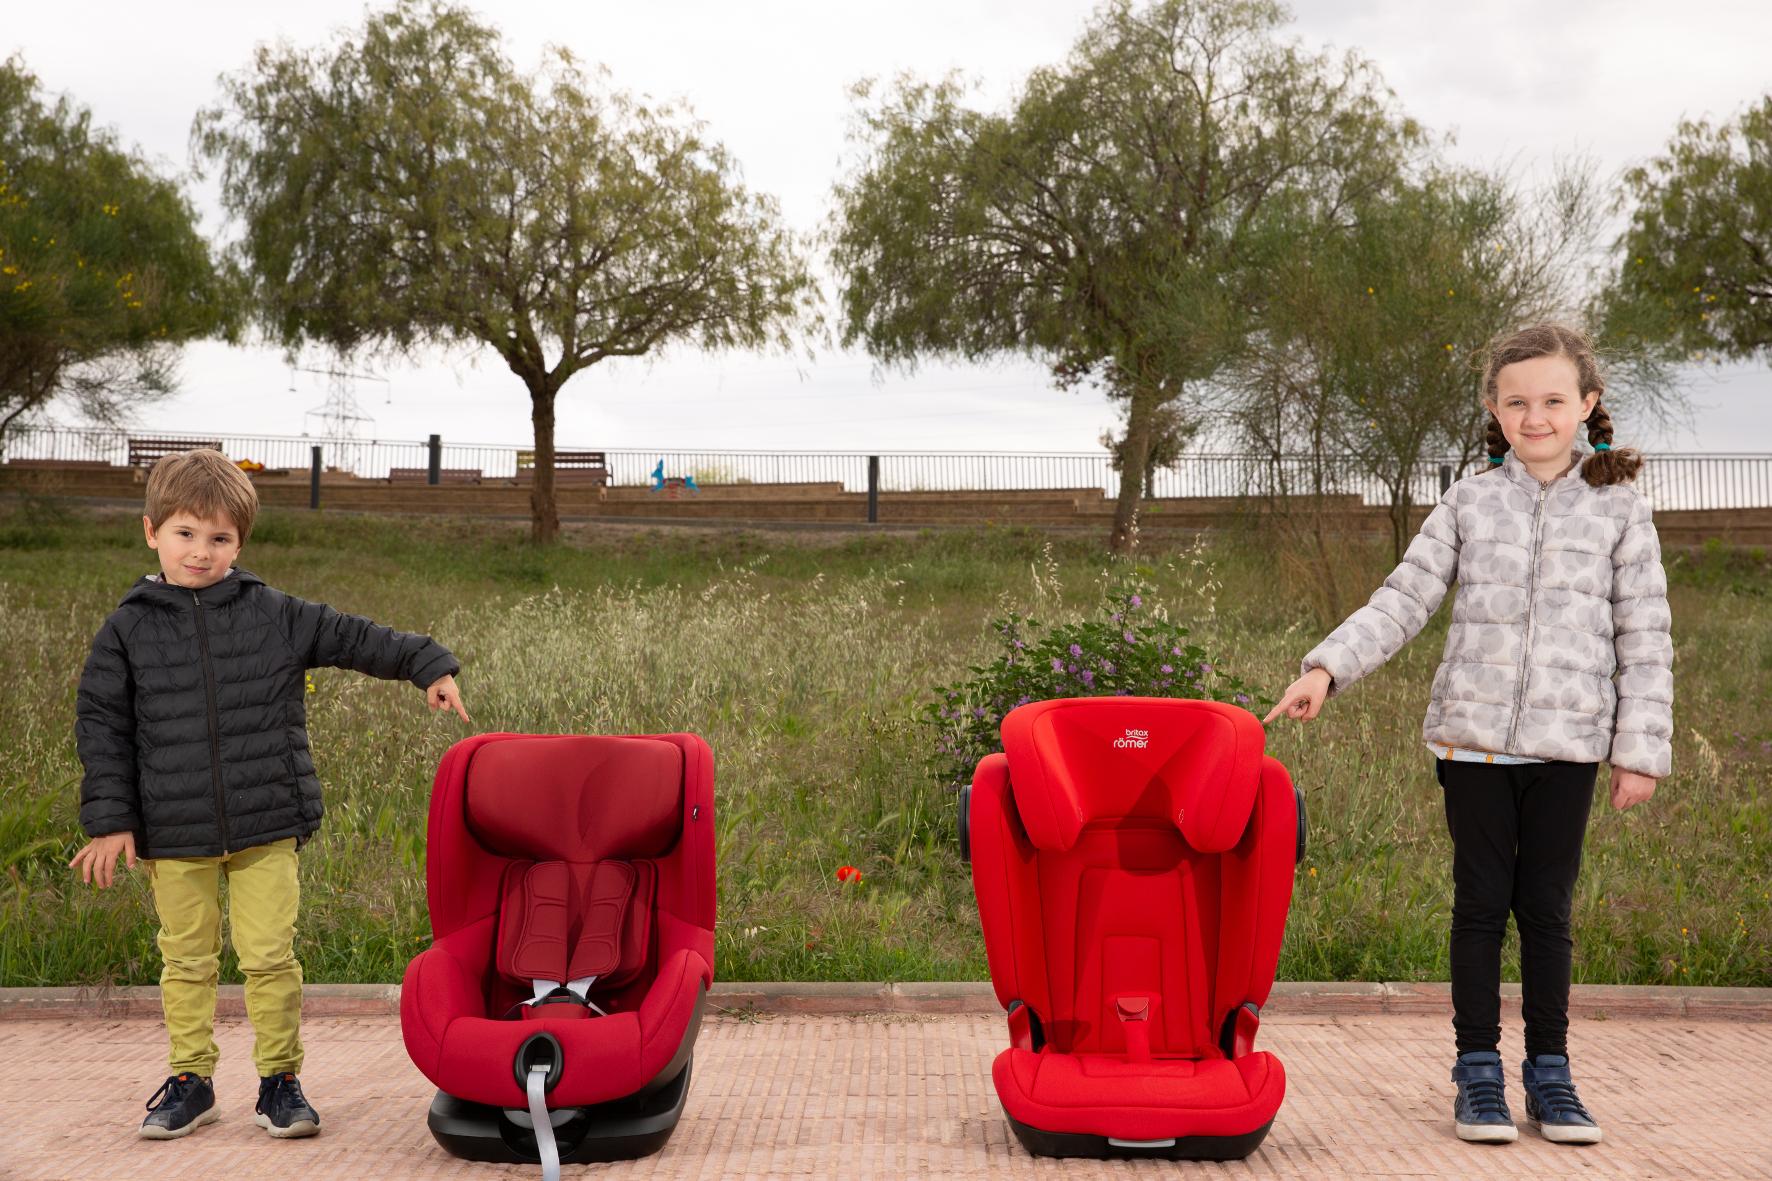 mid Groß-Gerau - Bei Kindersitzen spielt die passende Größe eine wichtige Rolle. Seat